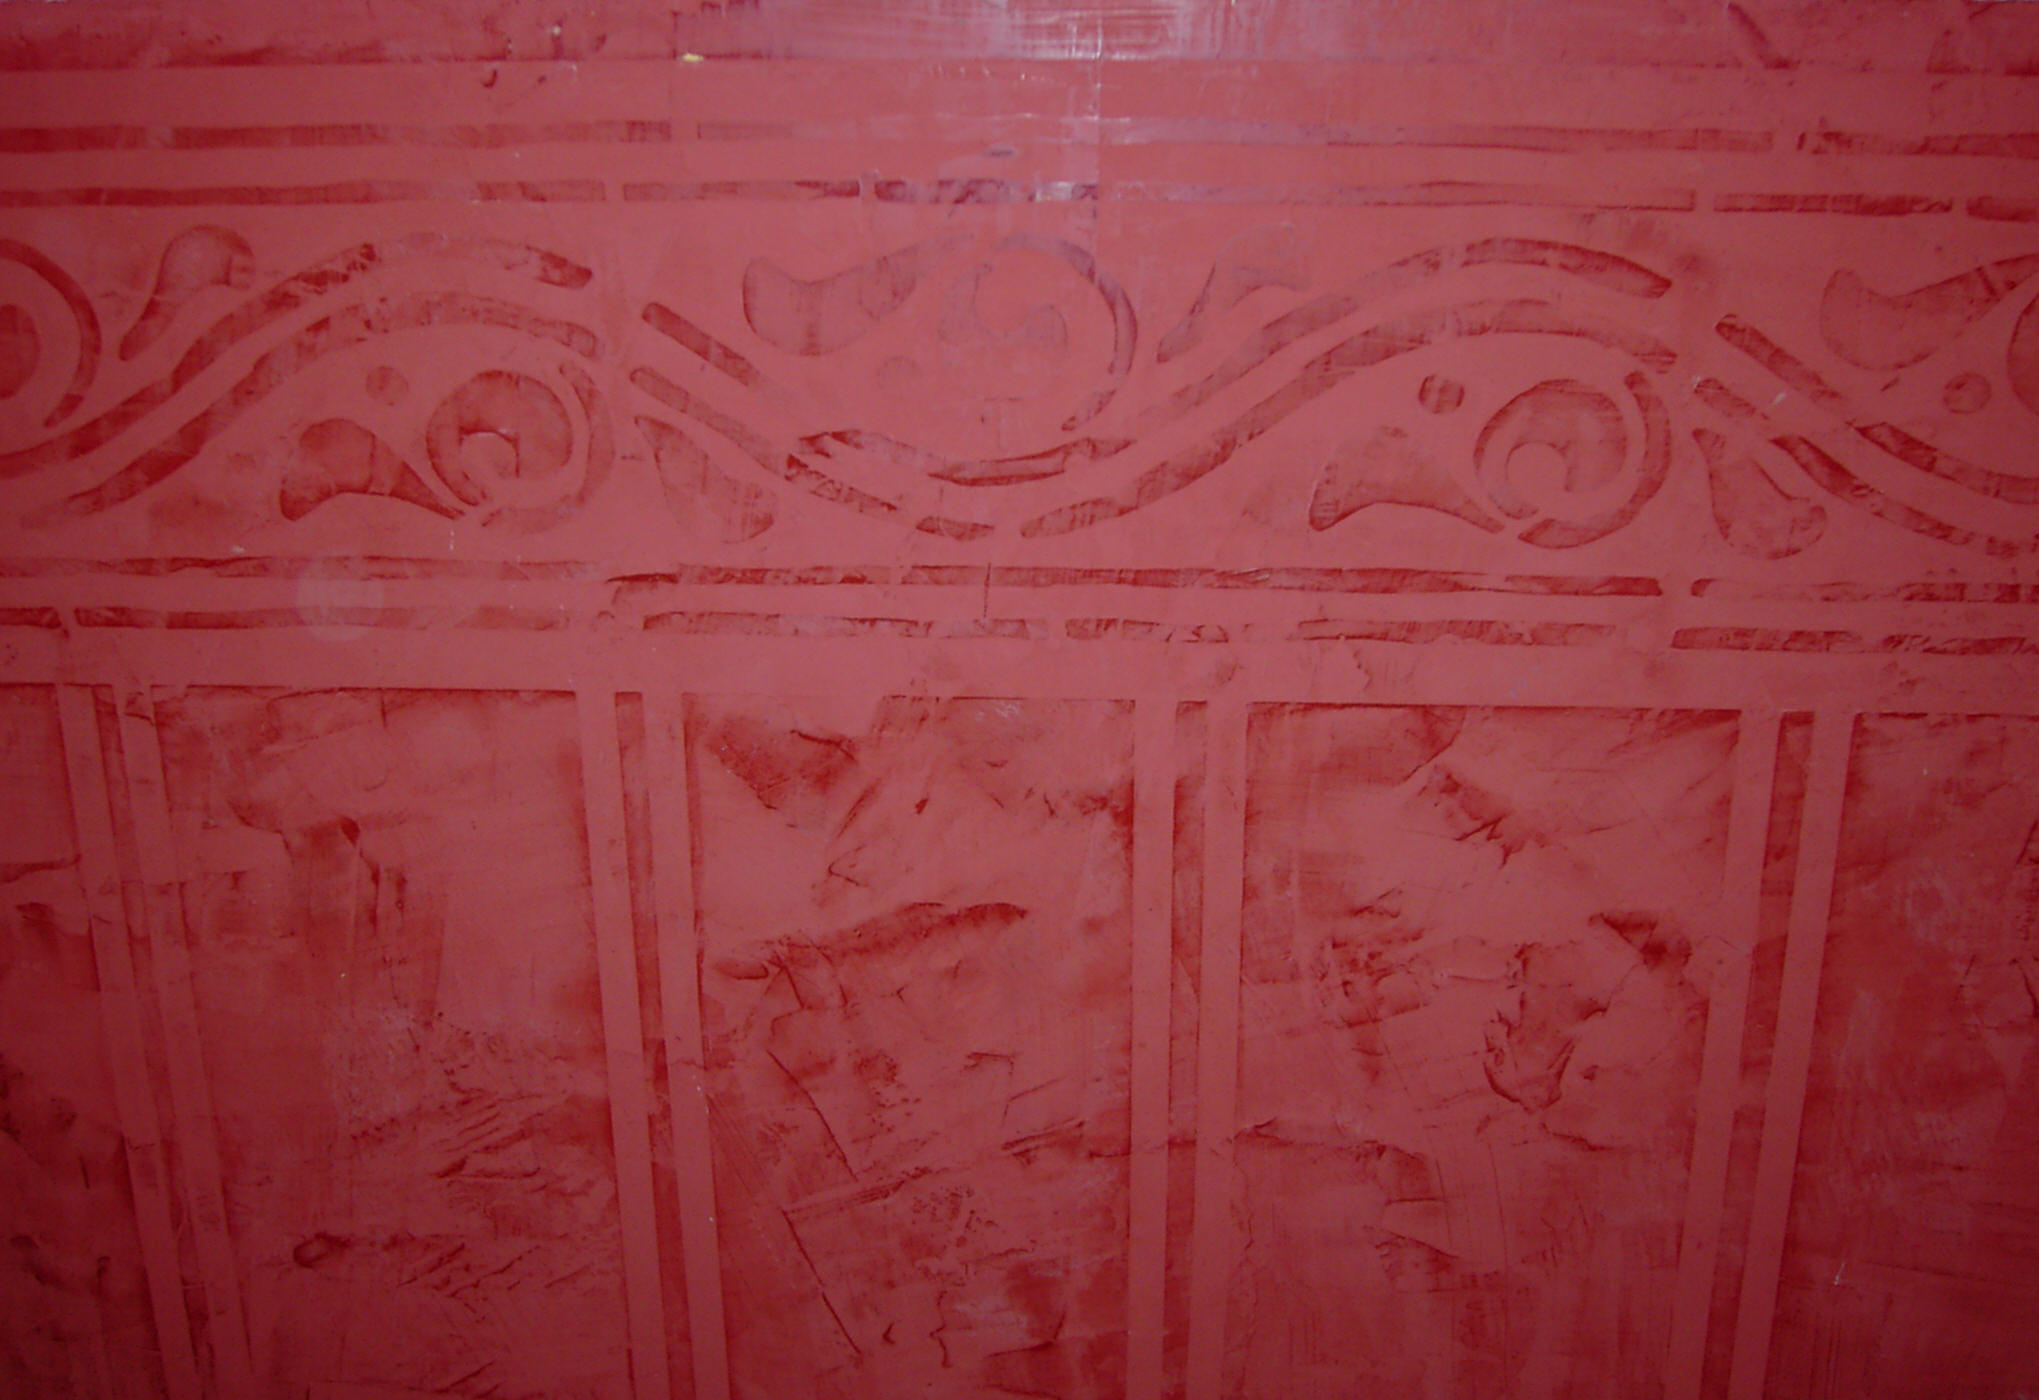 Produit peau de peinture n 4 - Stucco peinture video ...